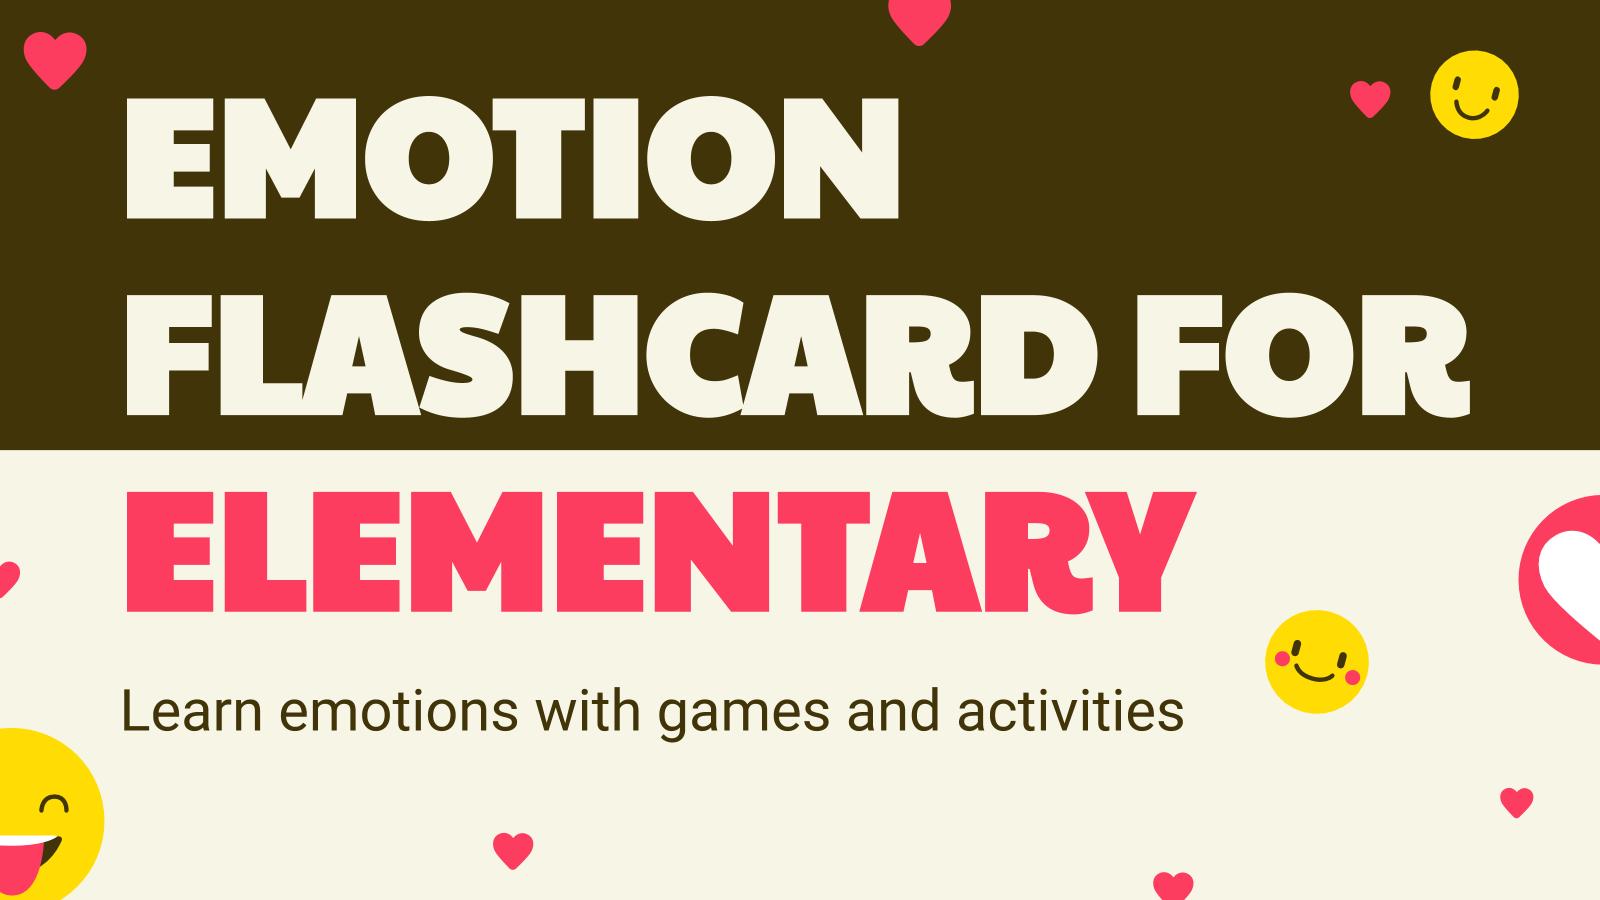 Emotion Flashcard presentation template